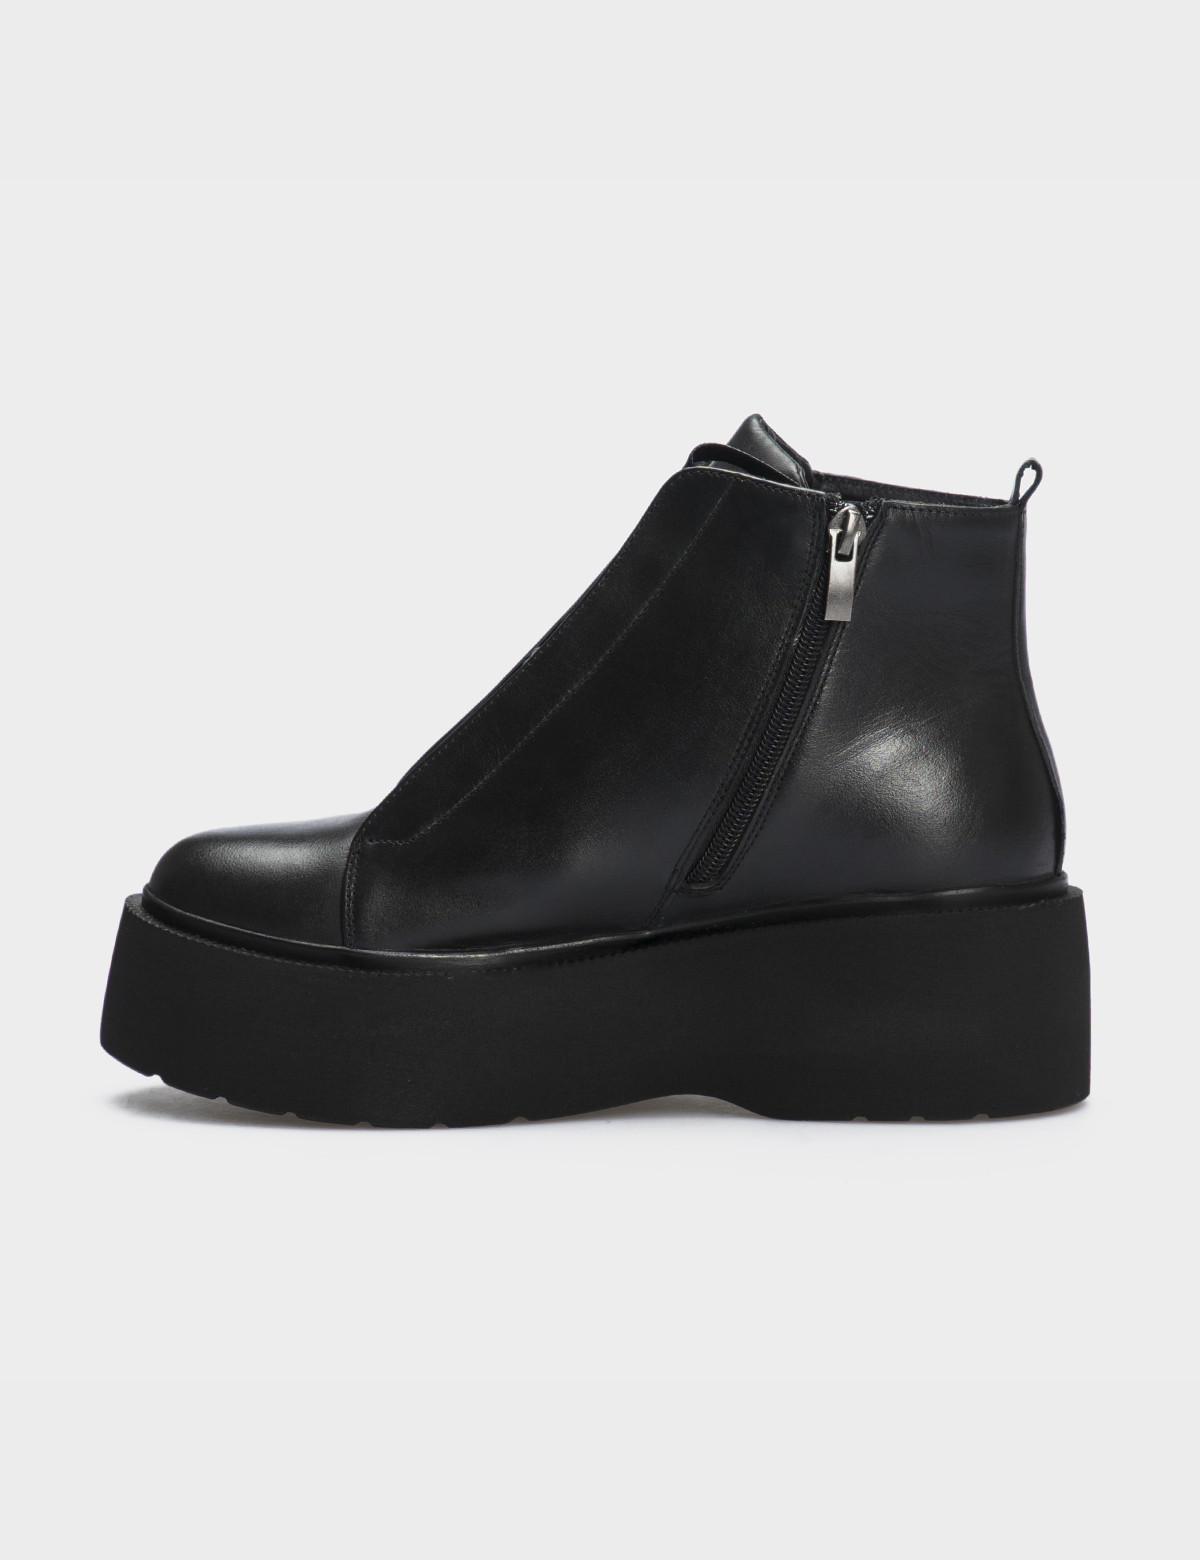 Ботинки черные натуральная кожа. Шерсть2